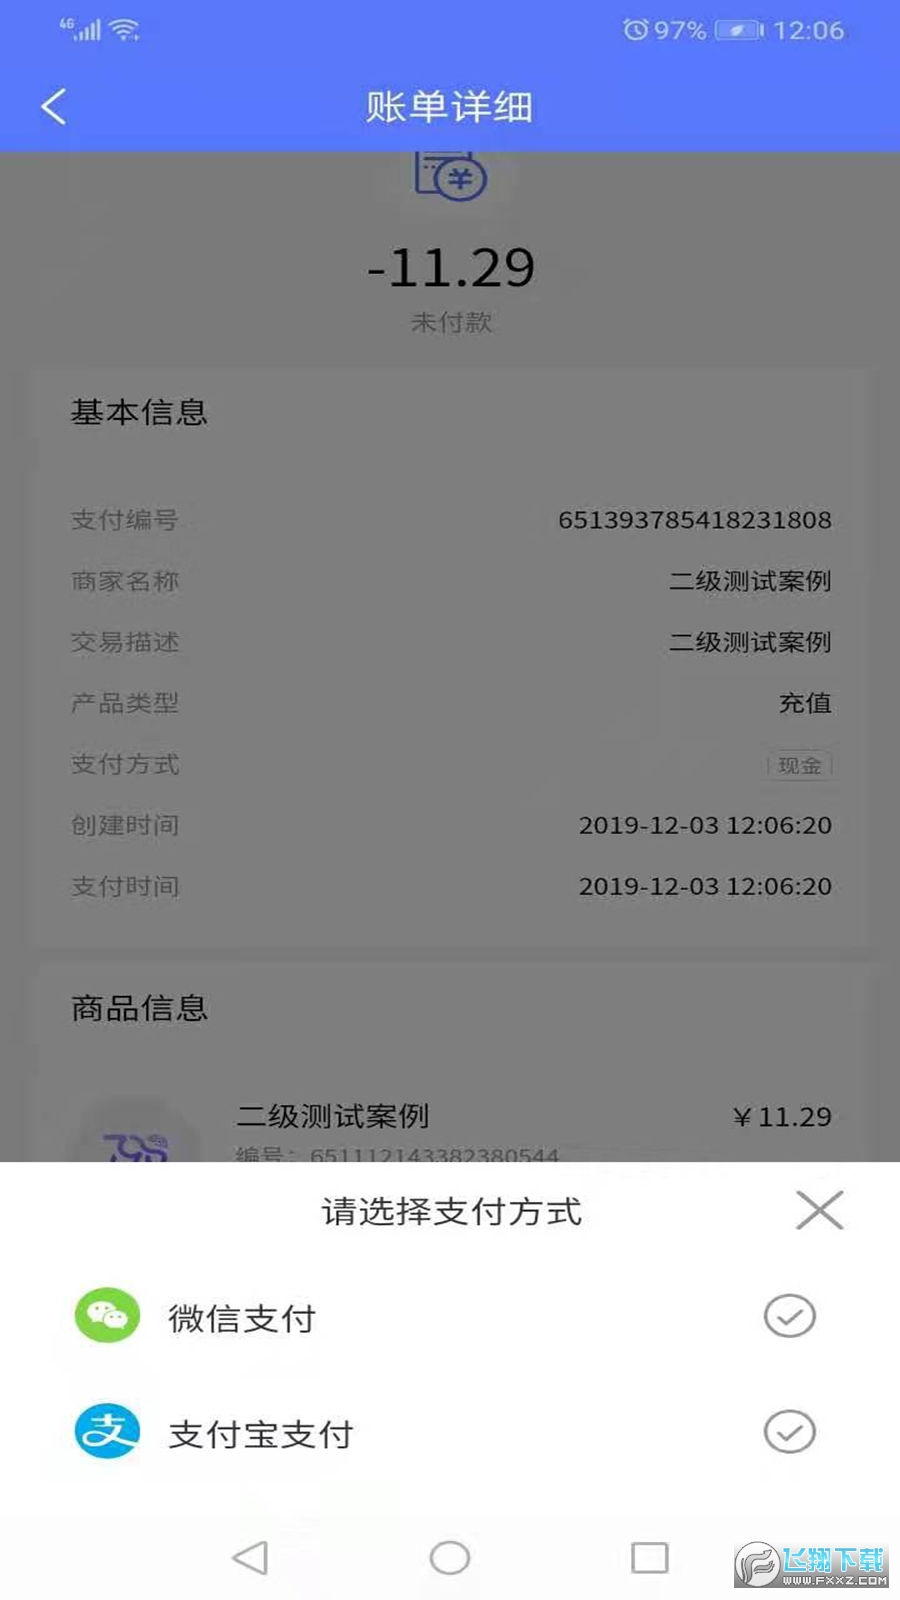 慧生活7981.0.34安卓版截图2